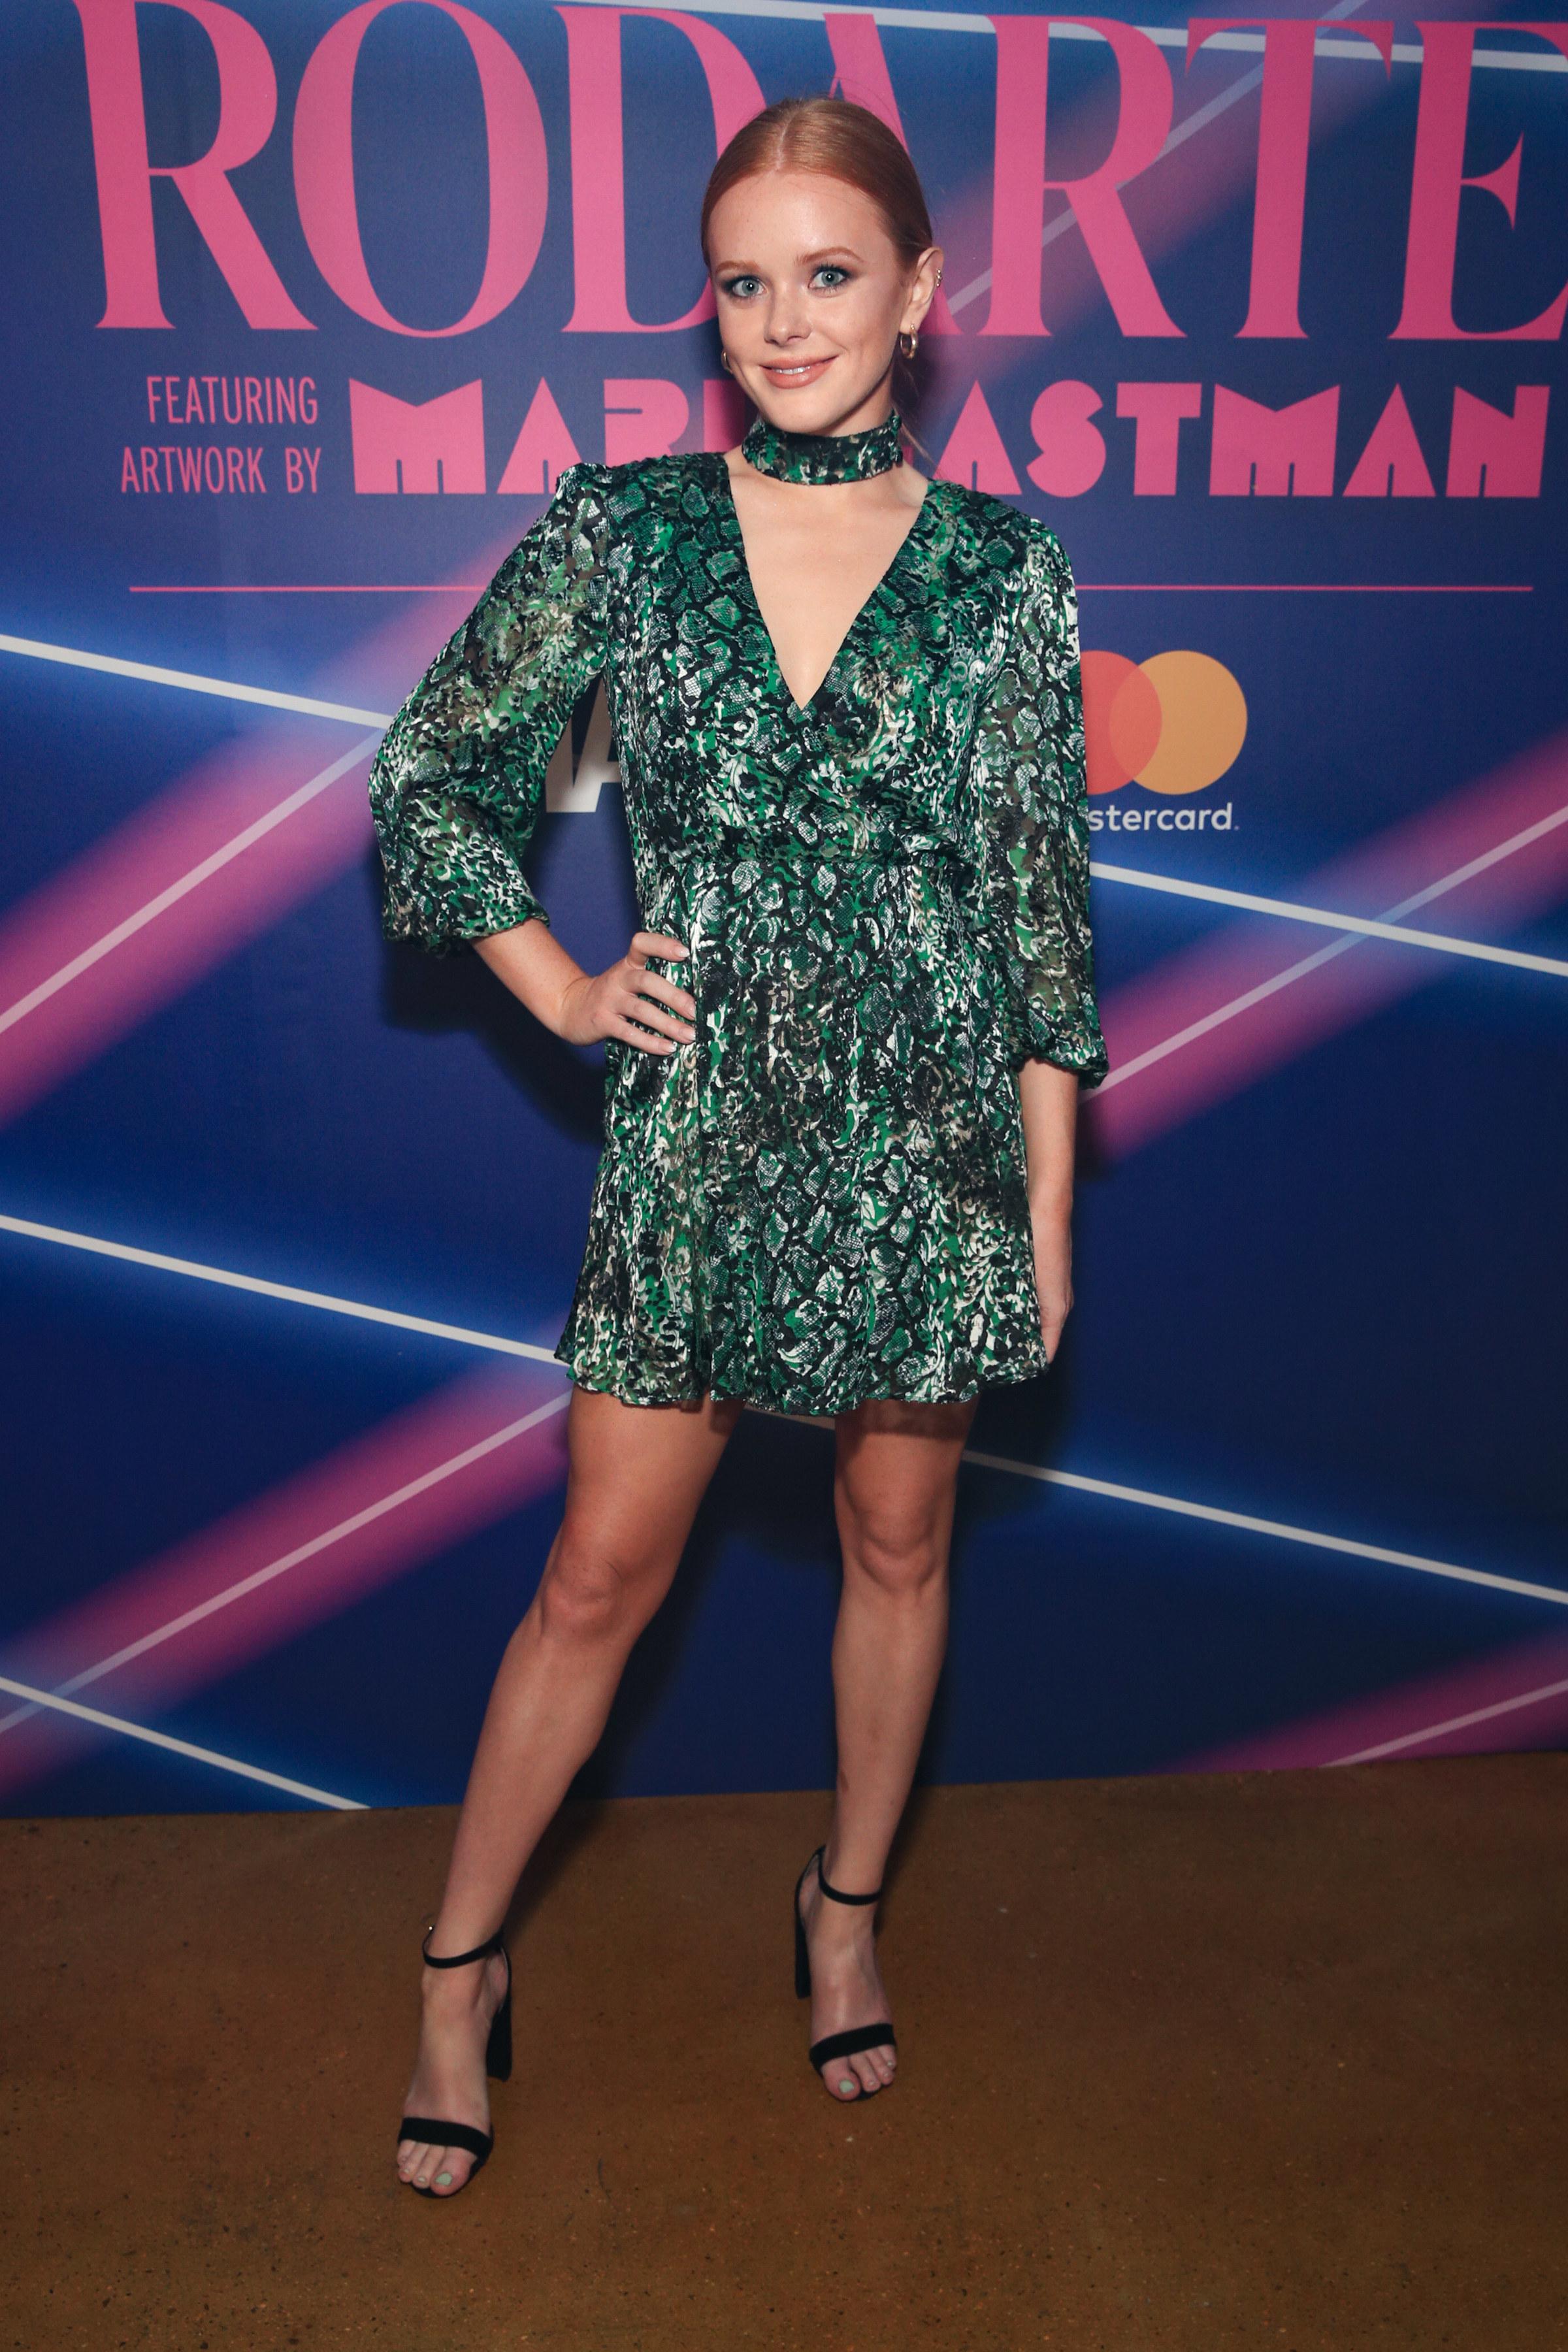 Abigail Cowen in a green dress